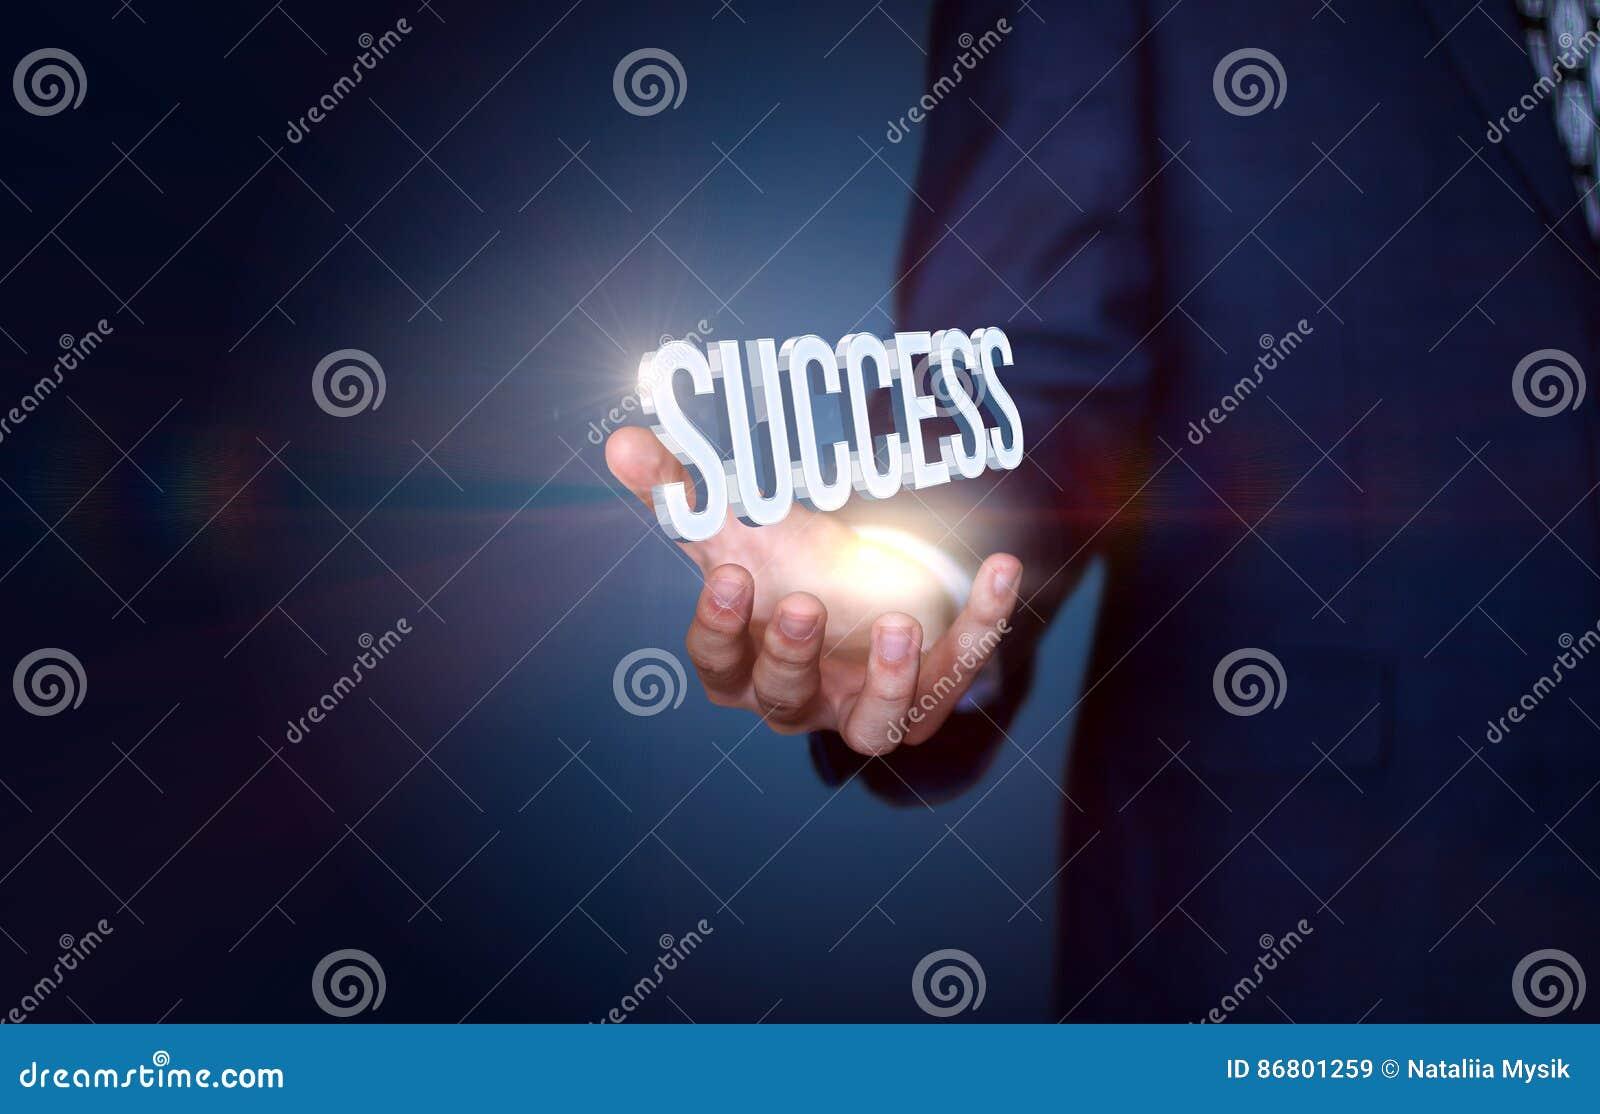 Ihr Erfolg ist in Ihren Händen